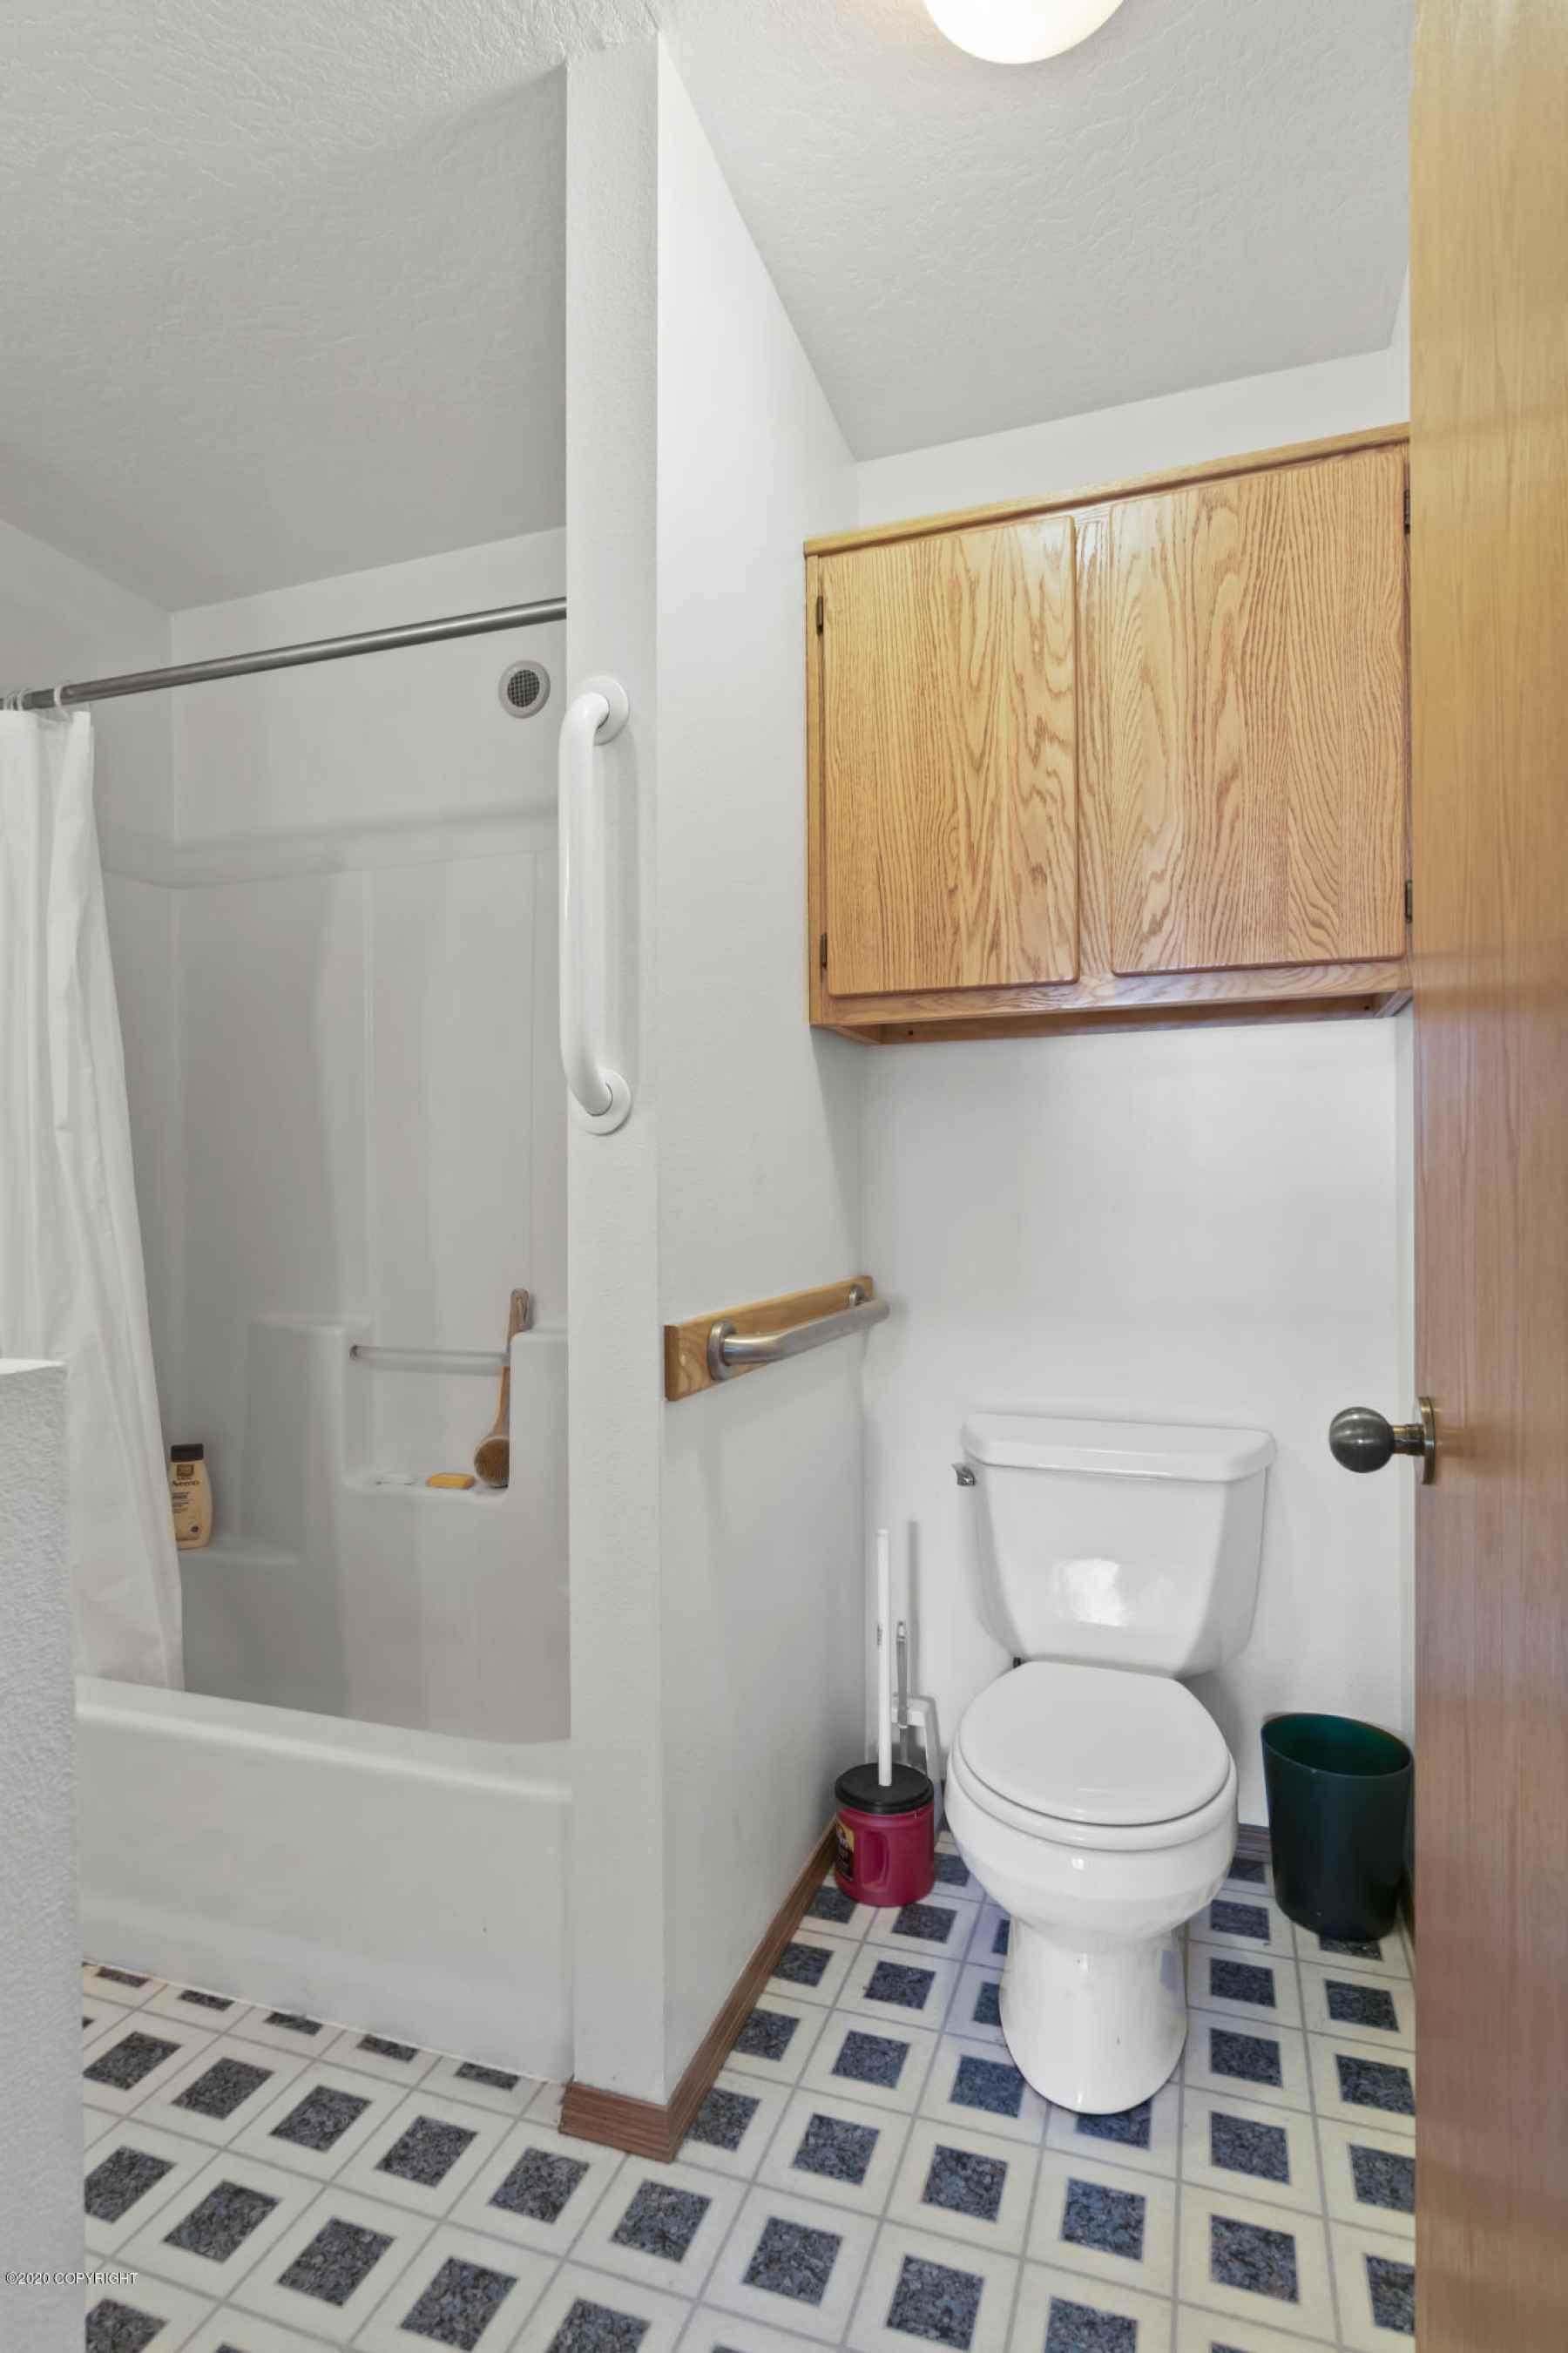 MIL Bathroom